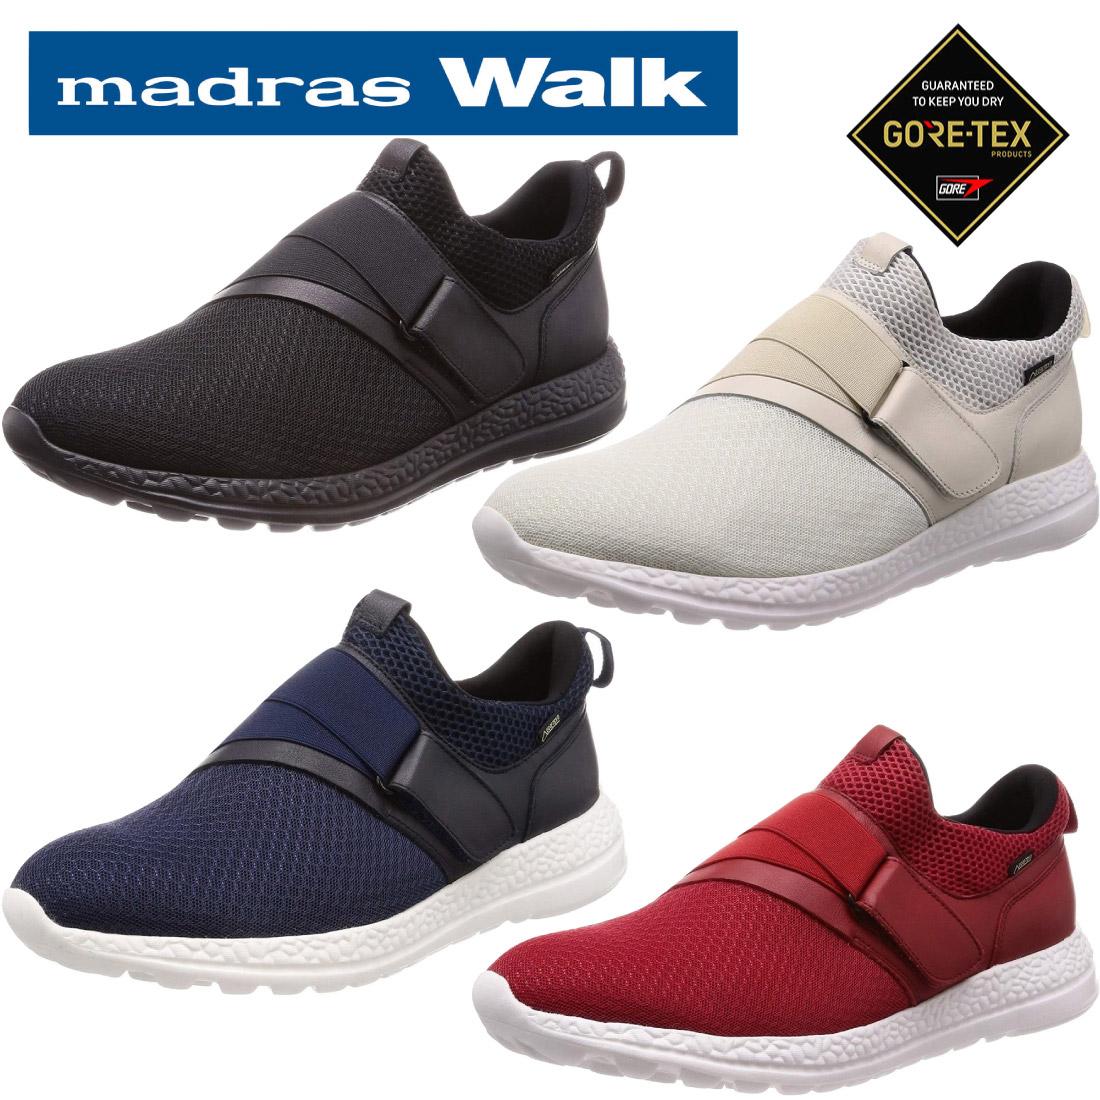 マドラスウォーク madras Walk ゴアテックス ストレッチテクノロジー搭載 カジュアルスニーカー MW8034 防水 【nesh】 【新品】